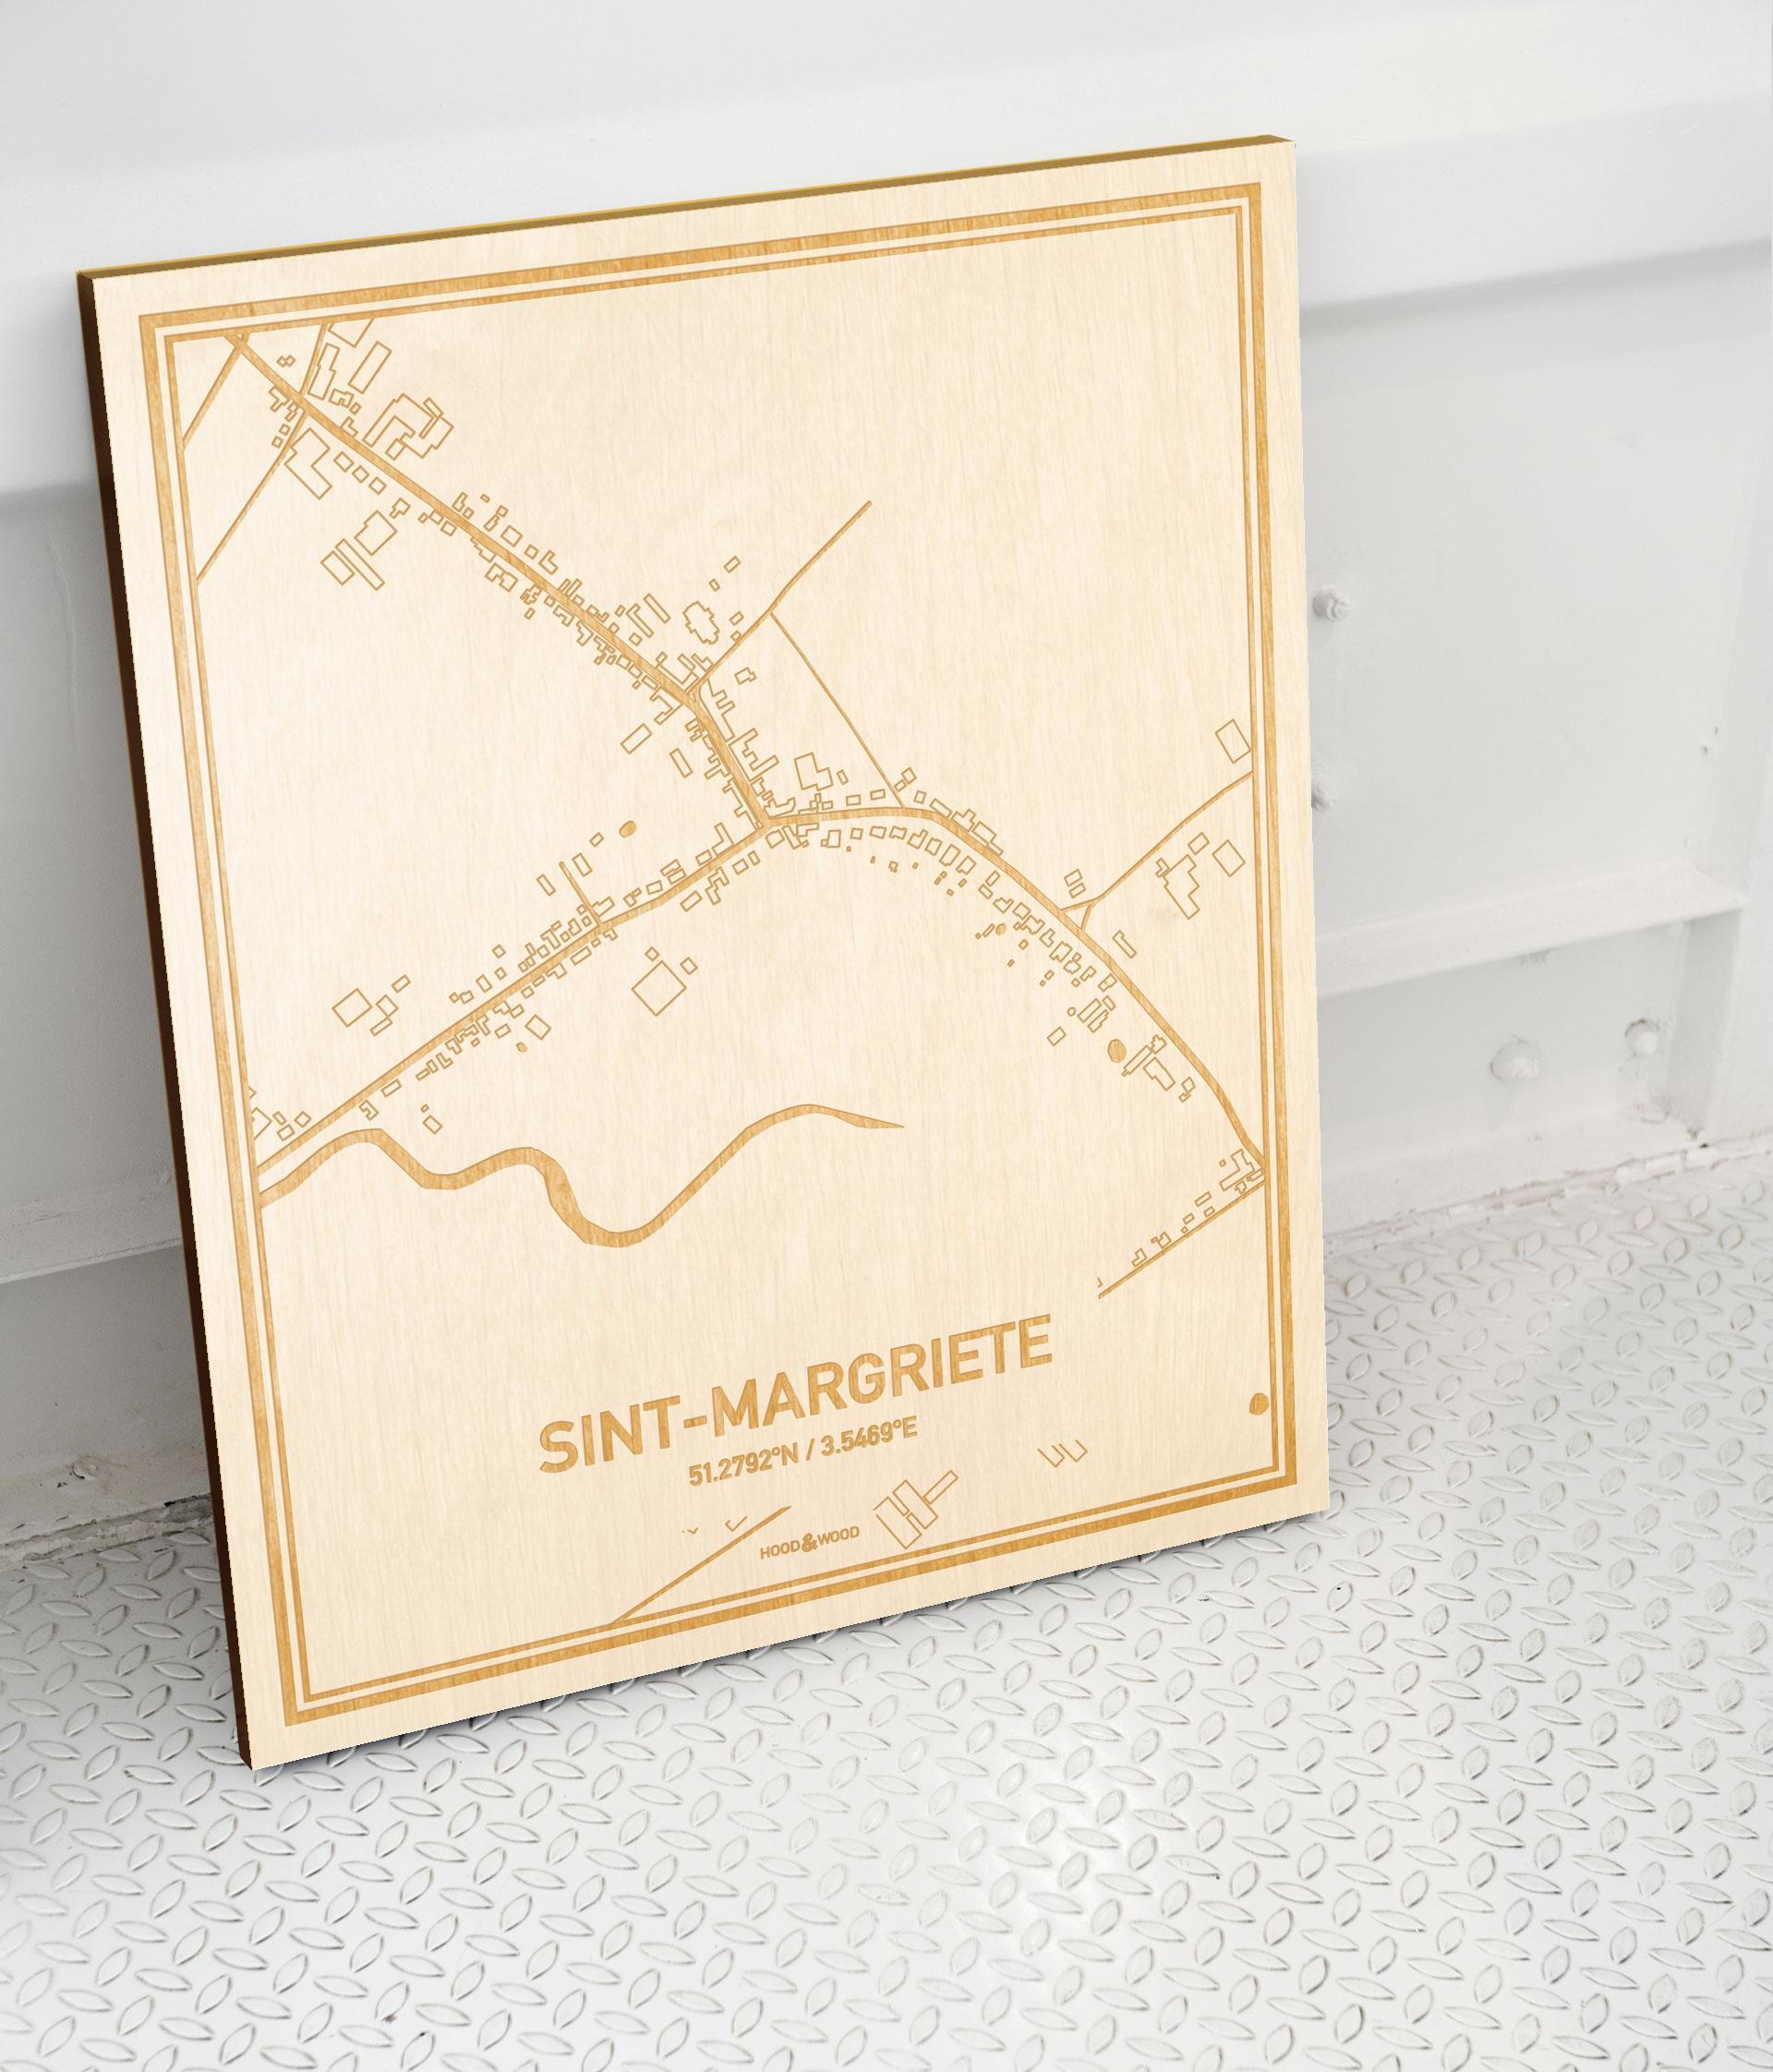 Plattegrond Sint-Margriete als prachtige houten wanddecoratie. Het warme hout contrasteert mooi met de witte muur.